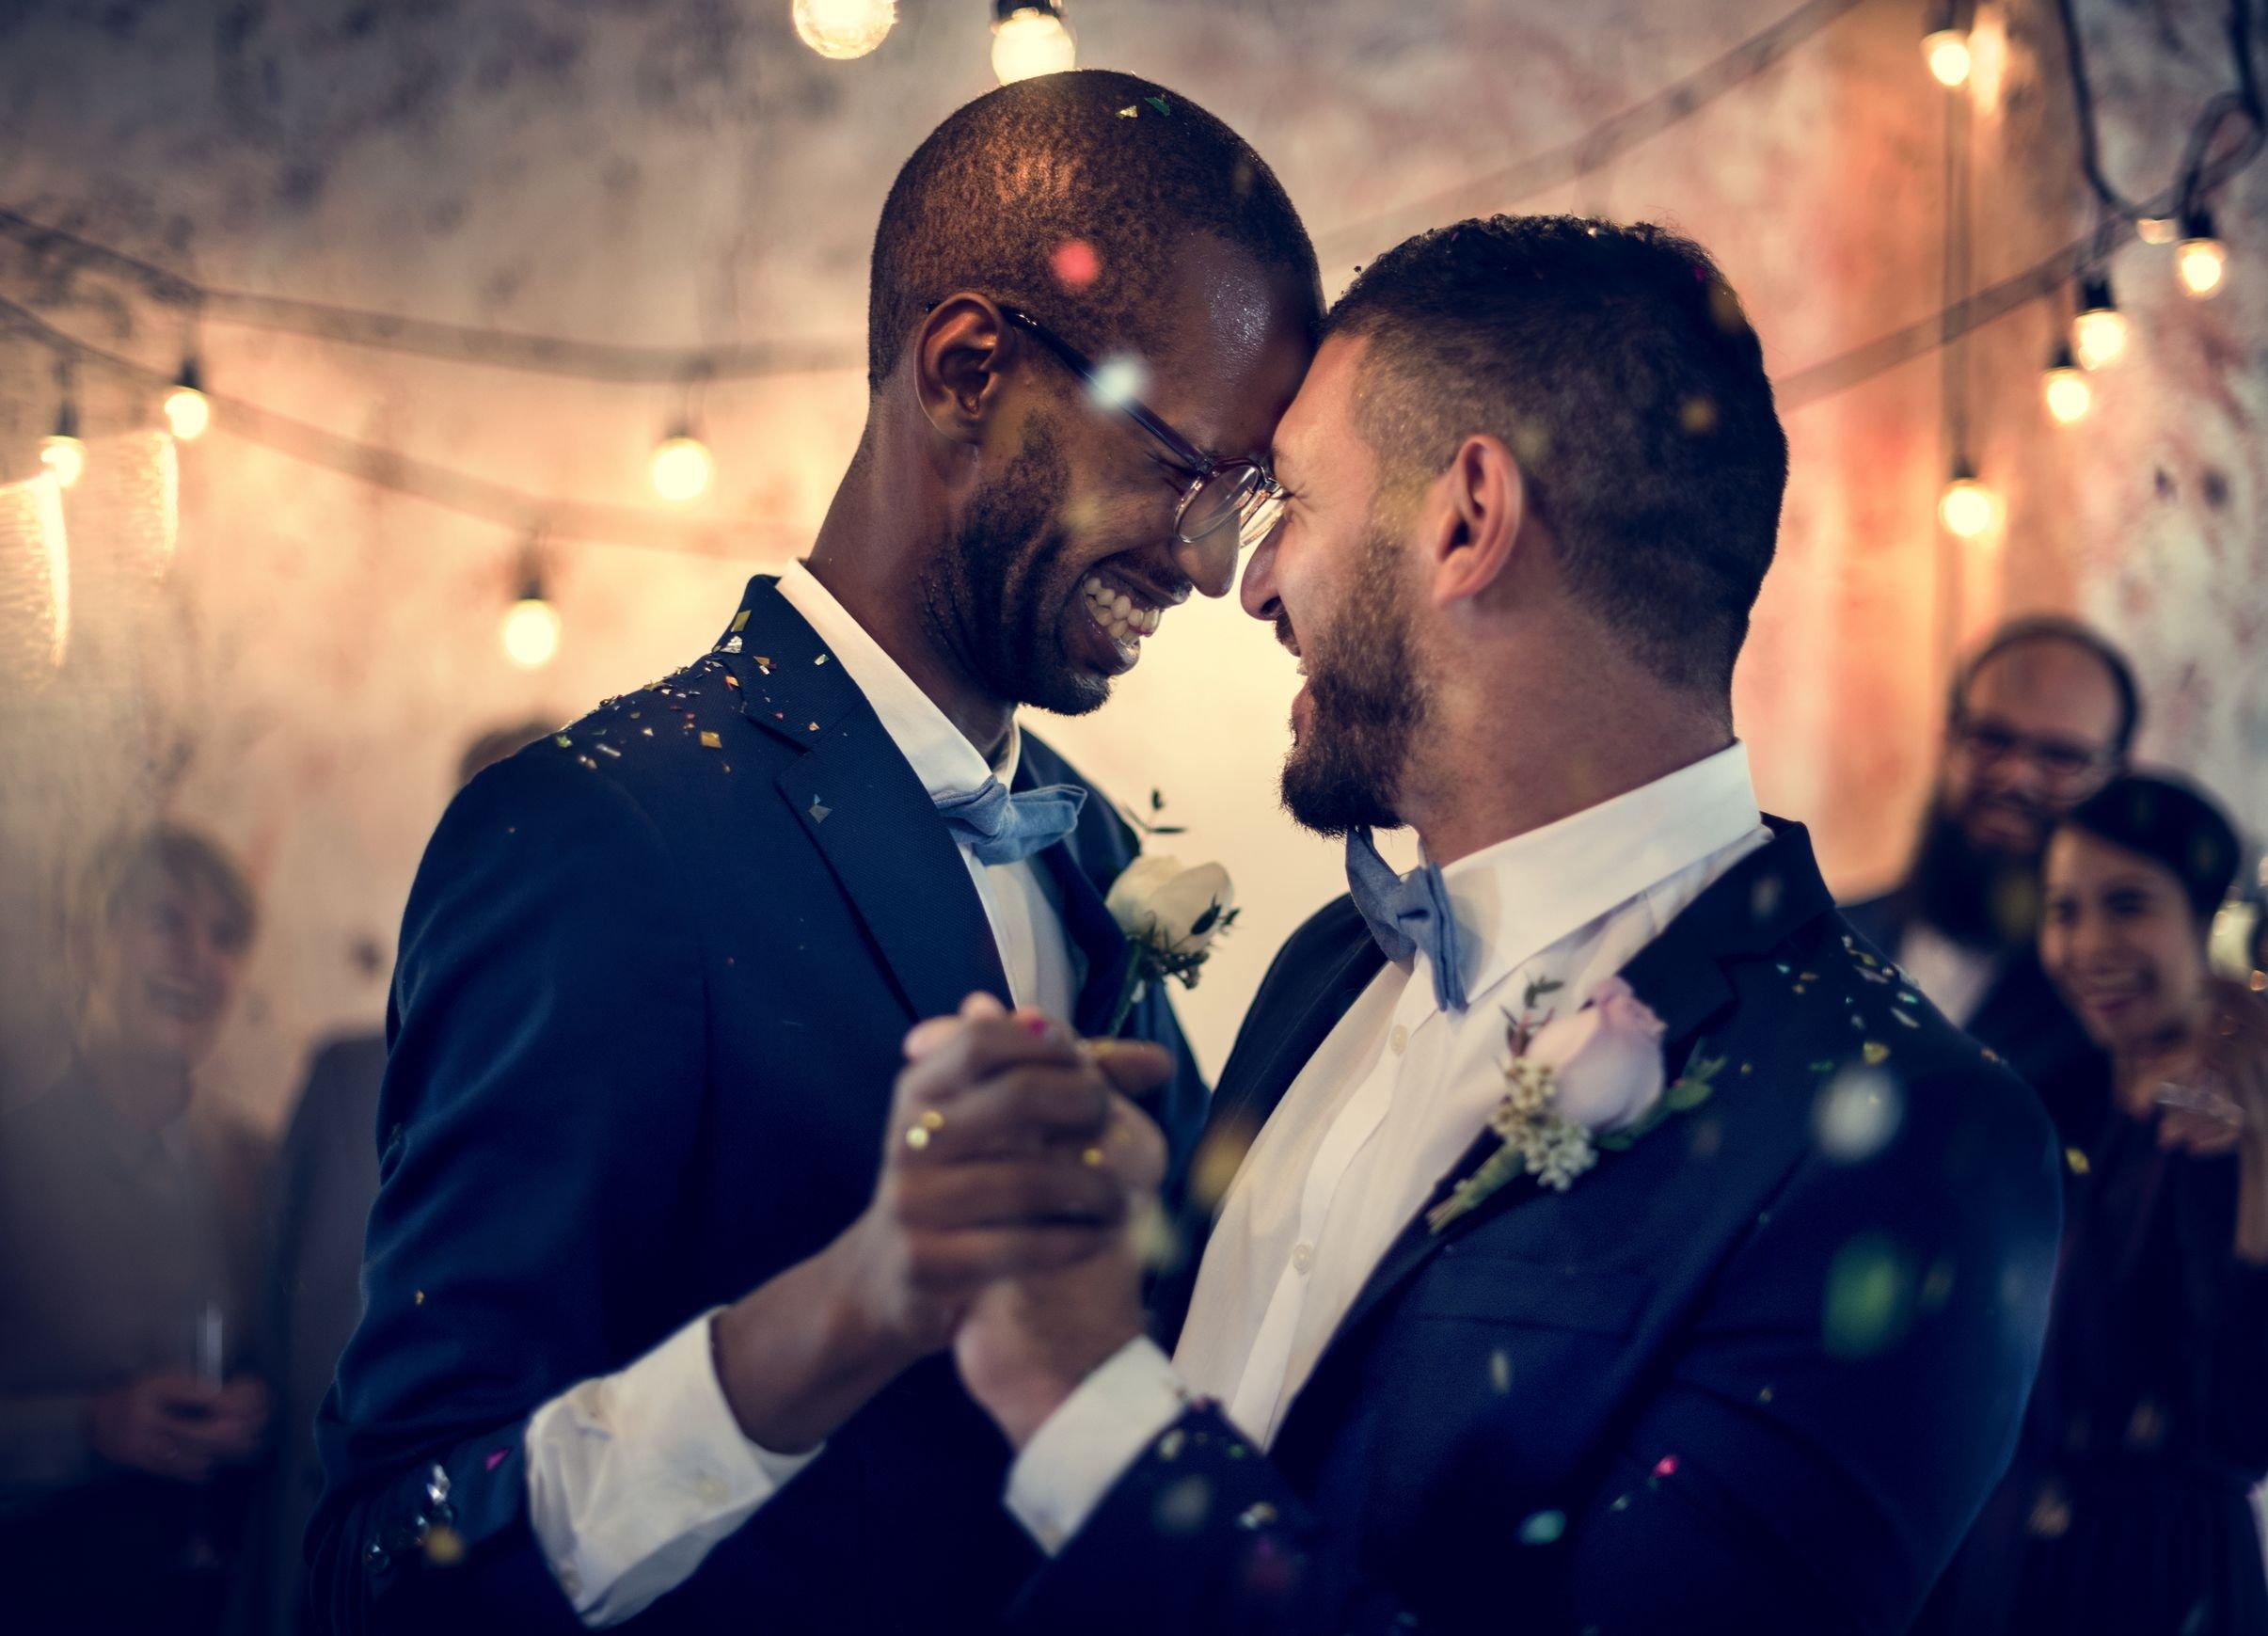 Frases Para Aniversário De Casamento Felicidades Eternas